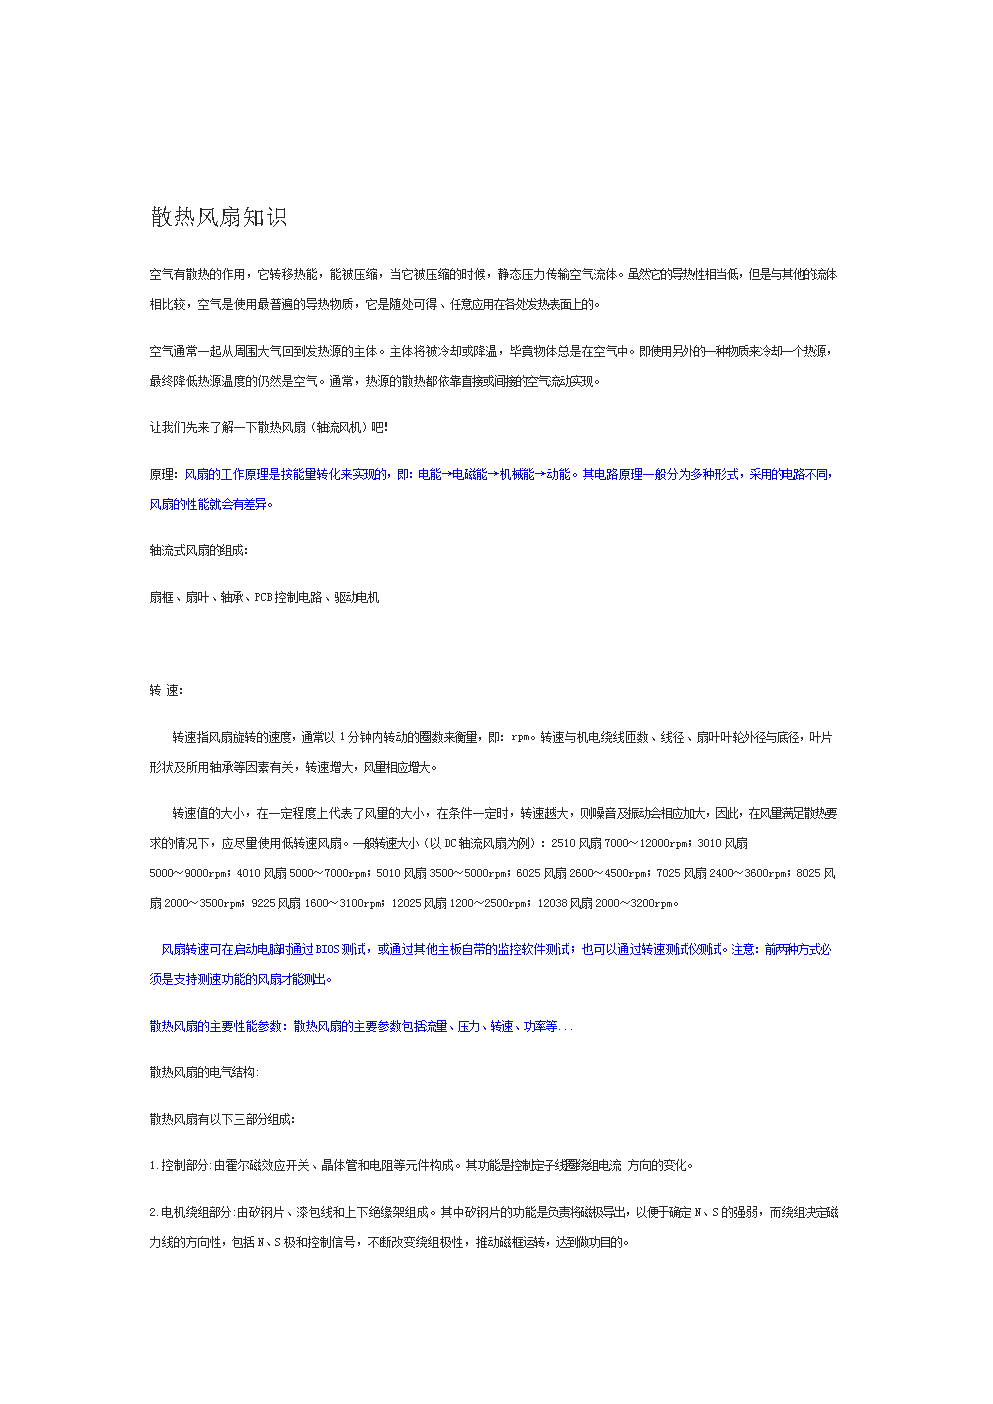 完整word版散热风扇知识概览.doc